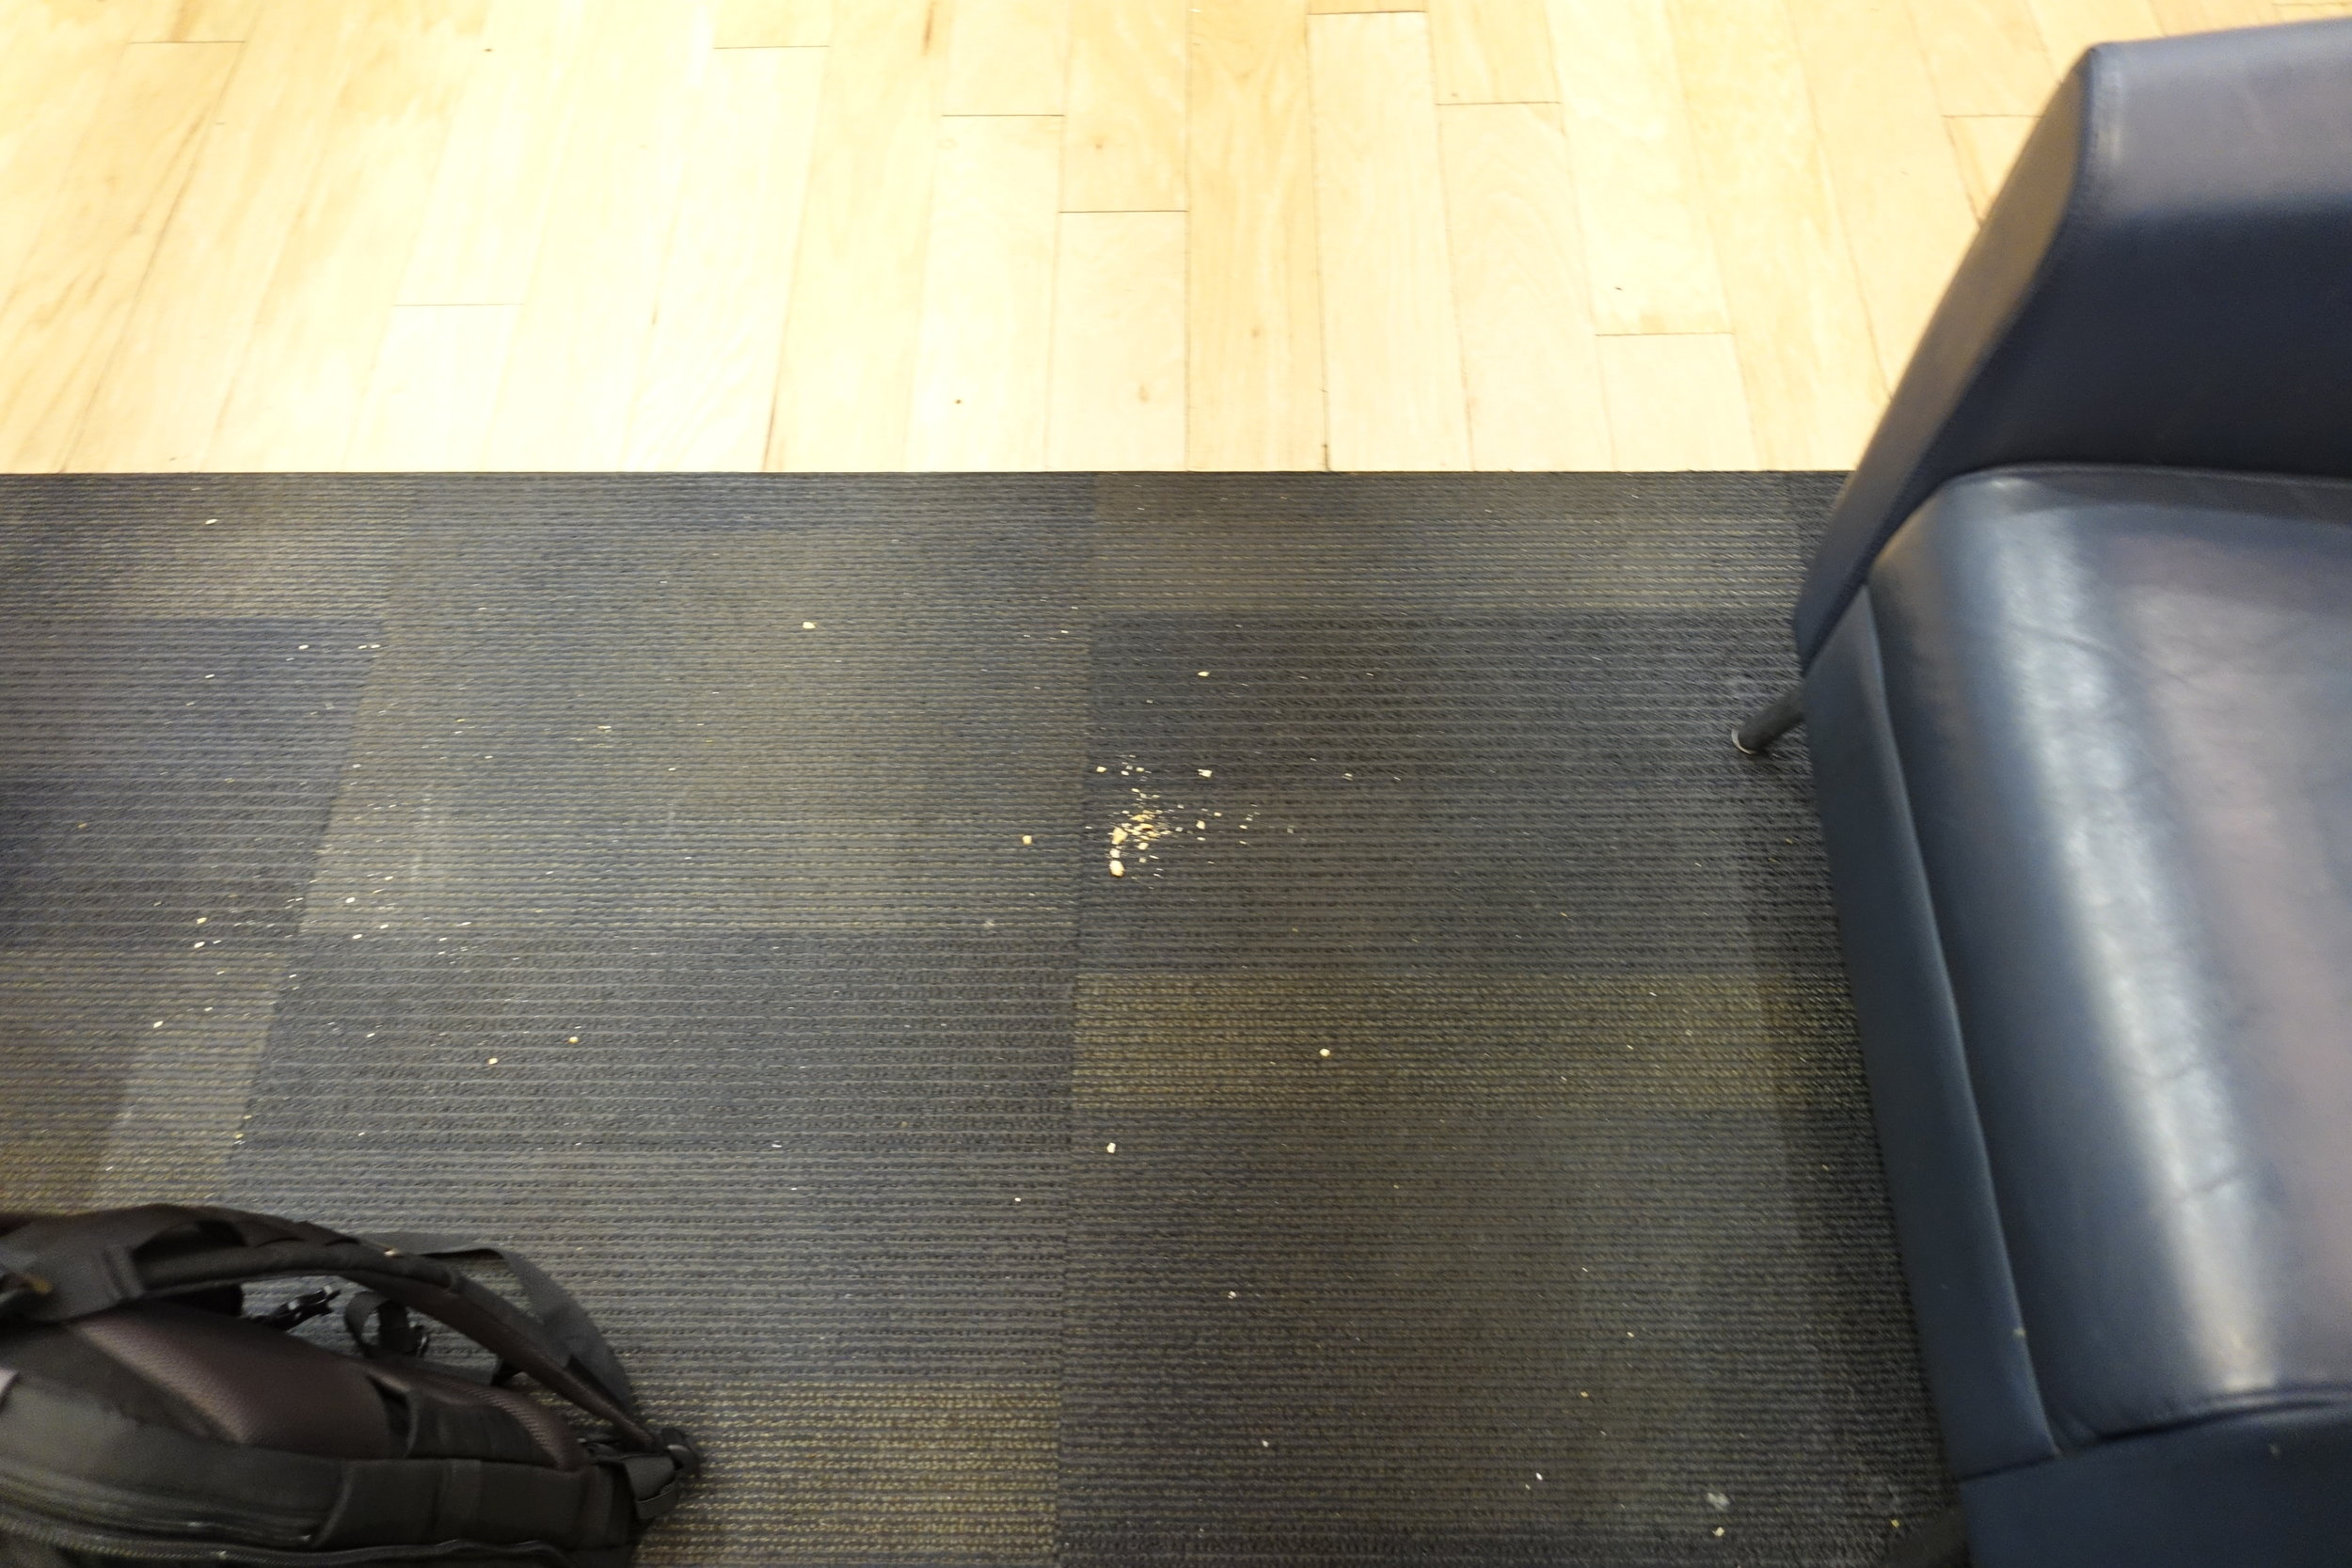 Crumbs on the floor